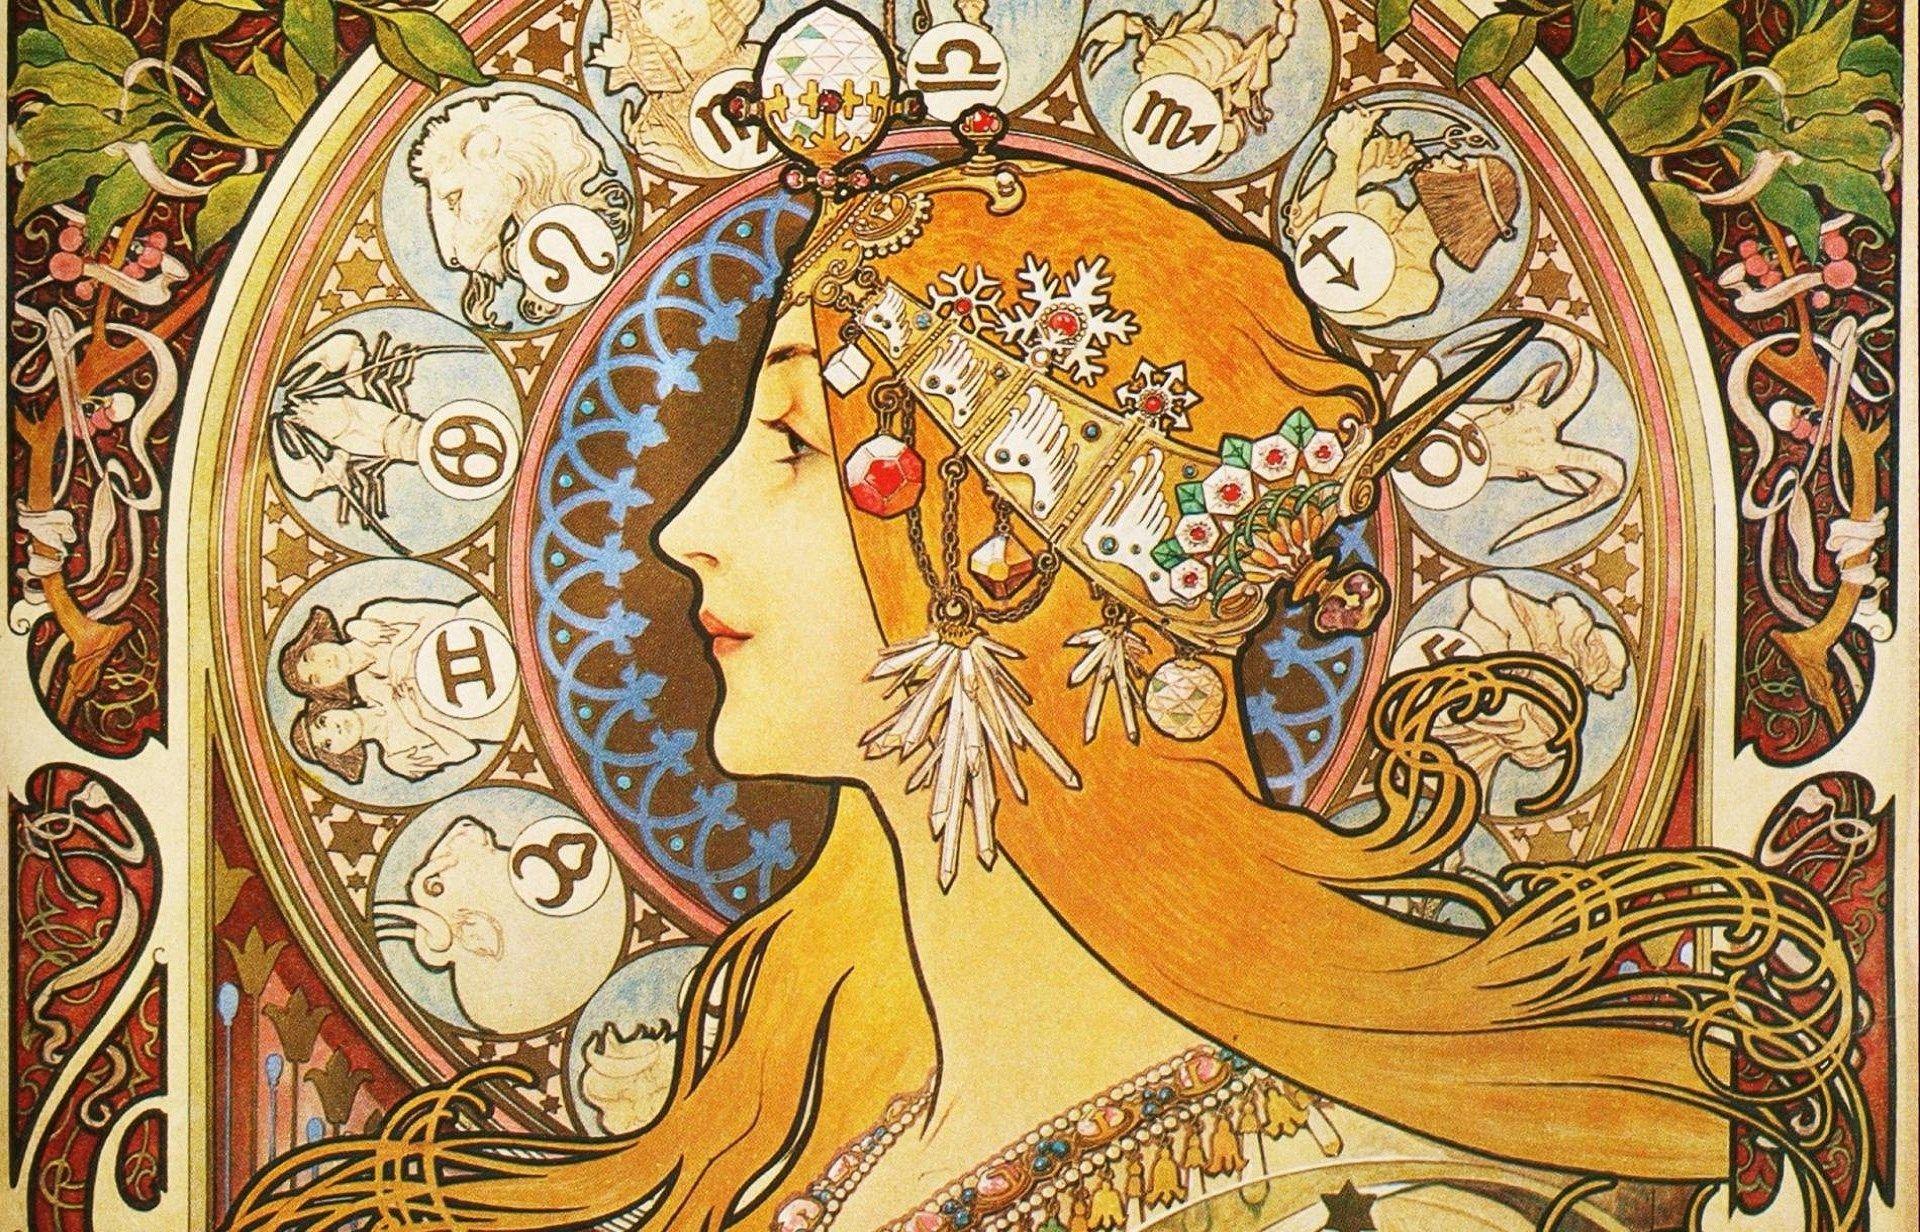 Download Desktop Art Nouveau Desktop Wallpapers Art Nouveau Poster Alphonse Mucha Mucha Art